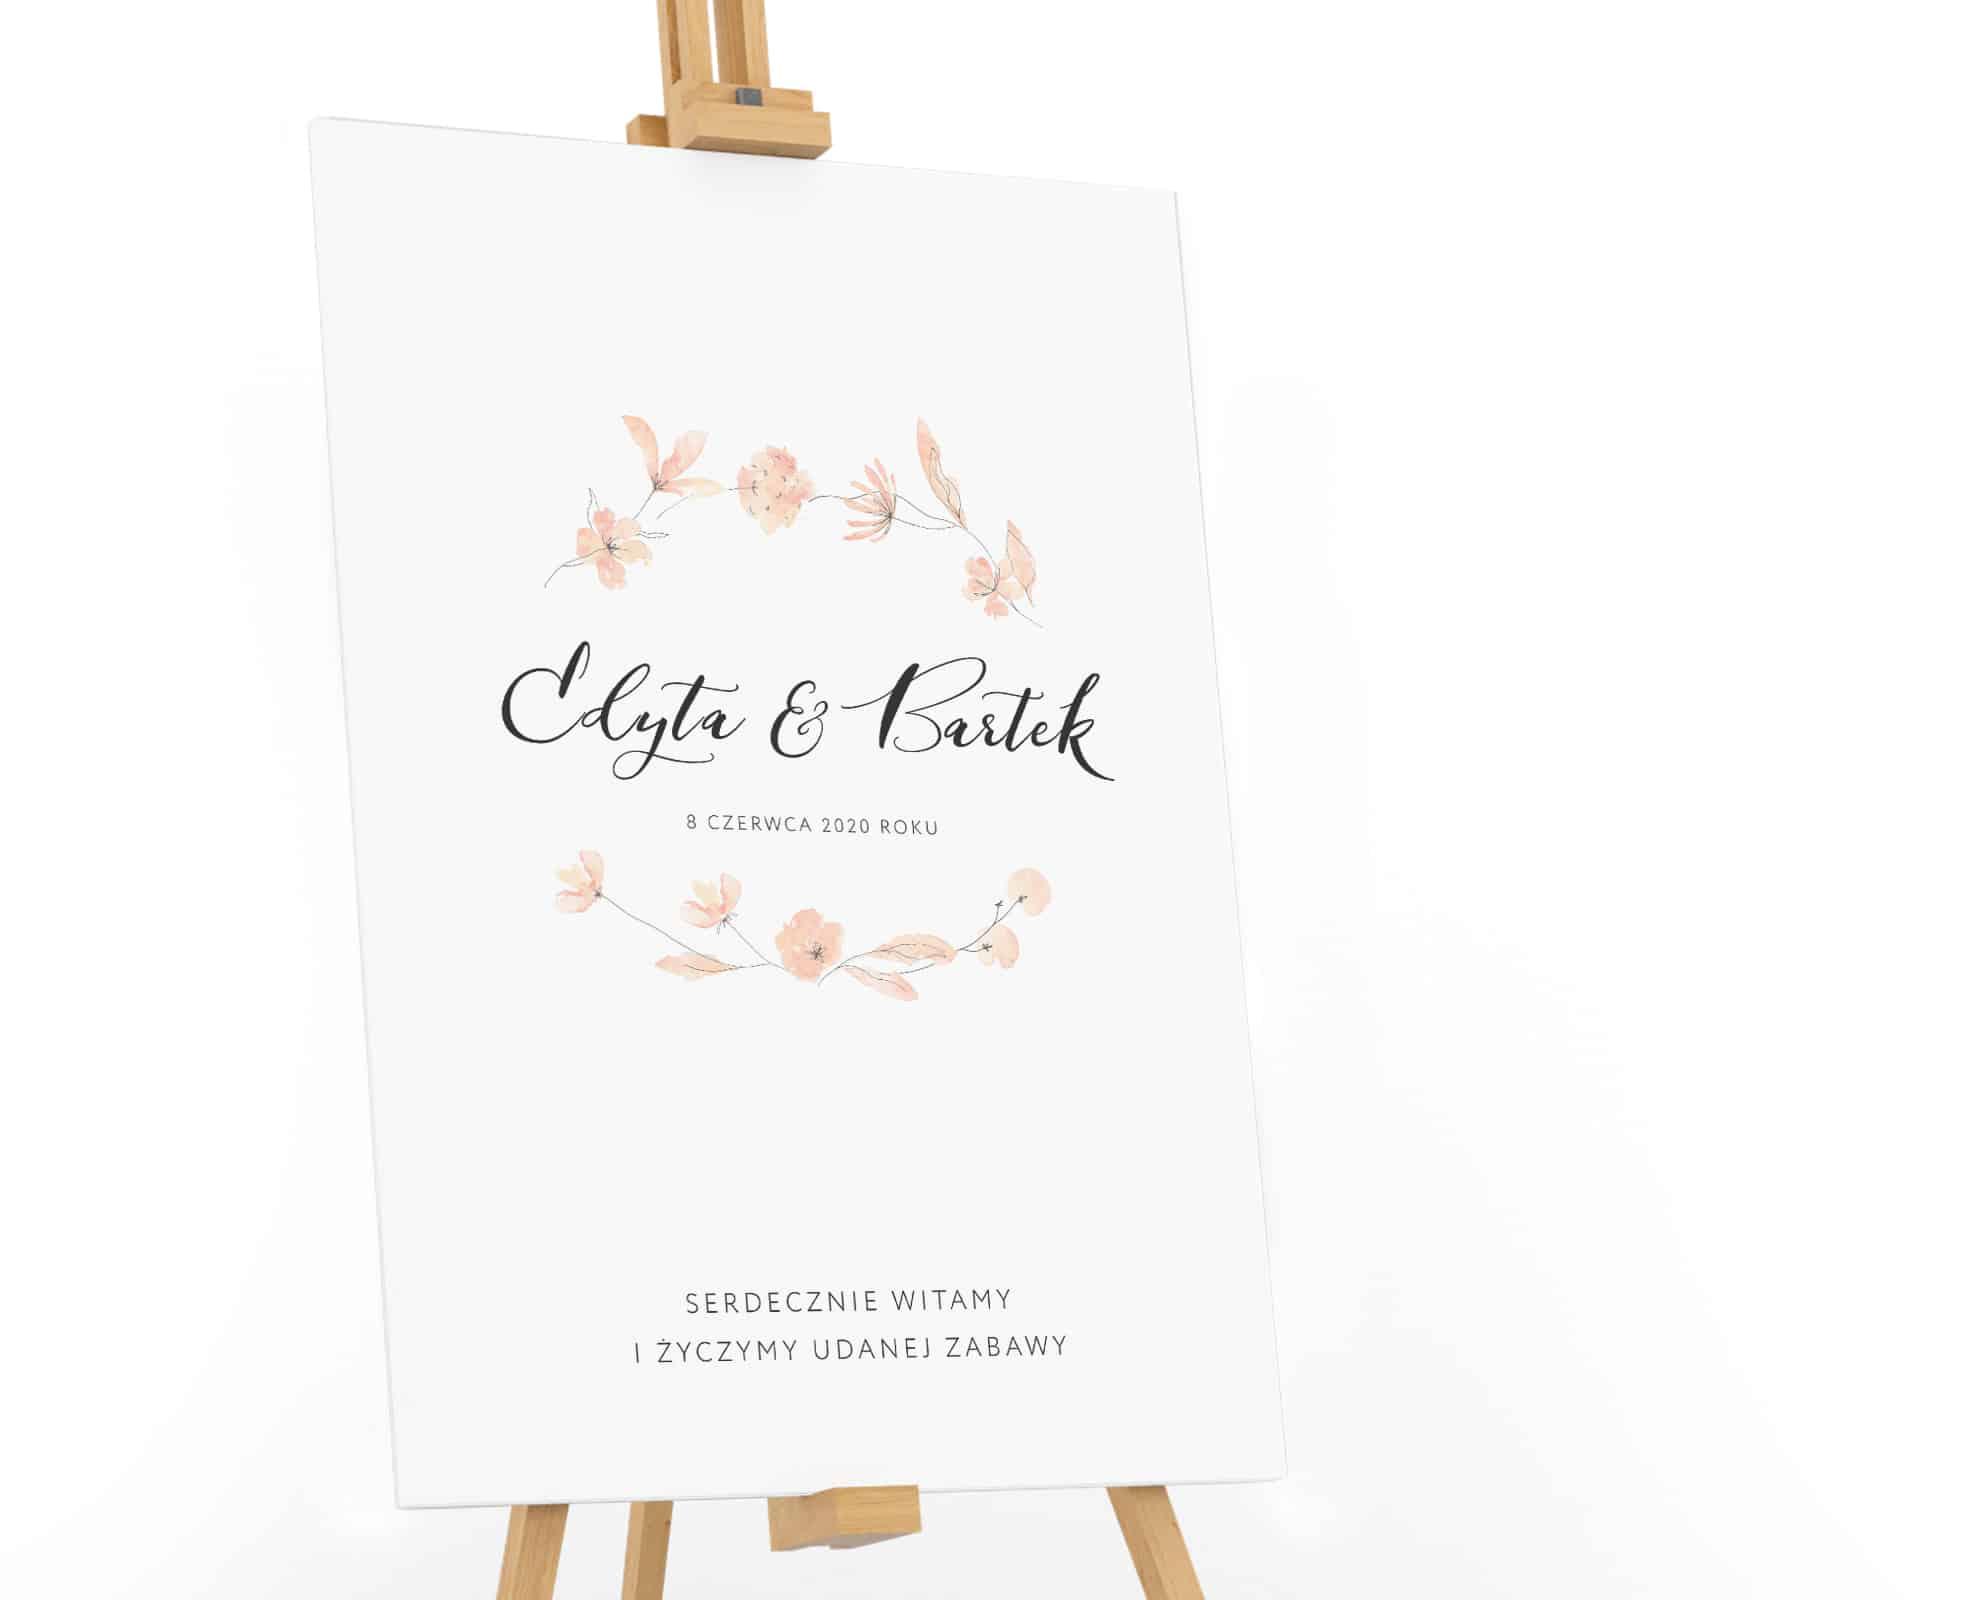 Prosty, gustowny plan stołów z kwiatami w jasno brzoskwiniowym kolorze